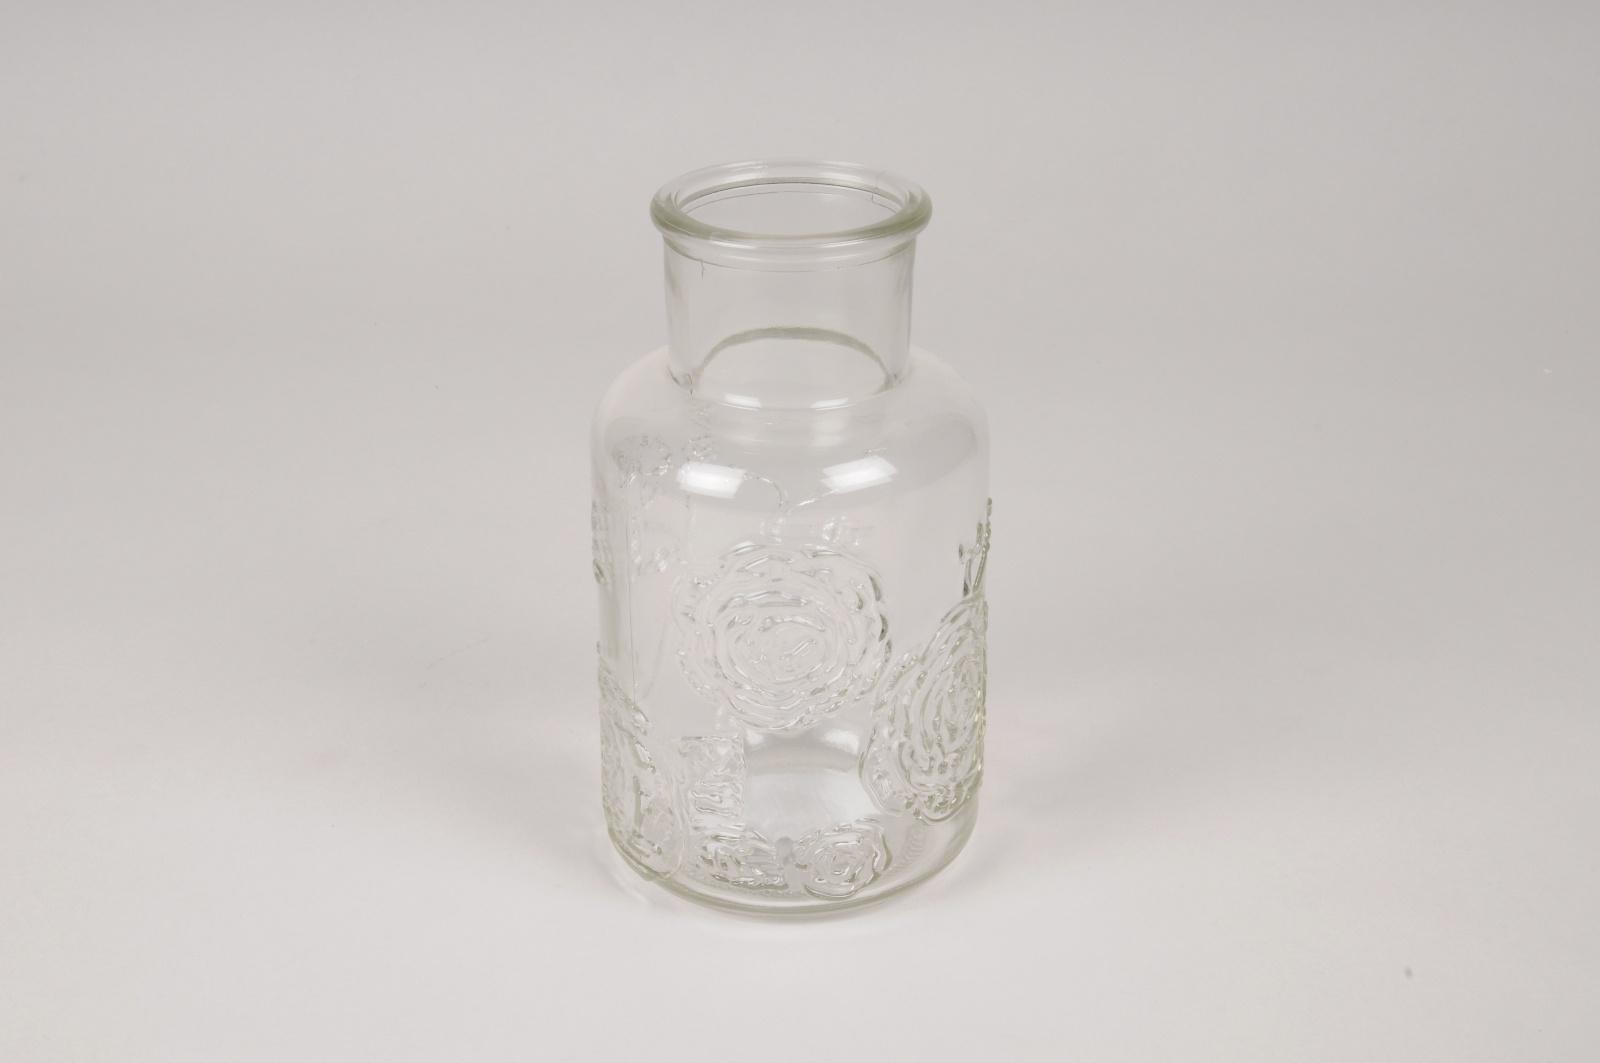 A117R4 Vase bouteille en verre D9cm H16cm